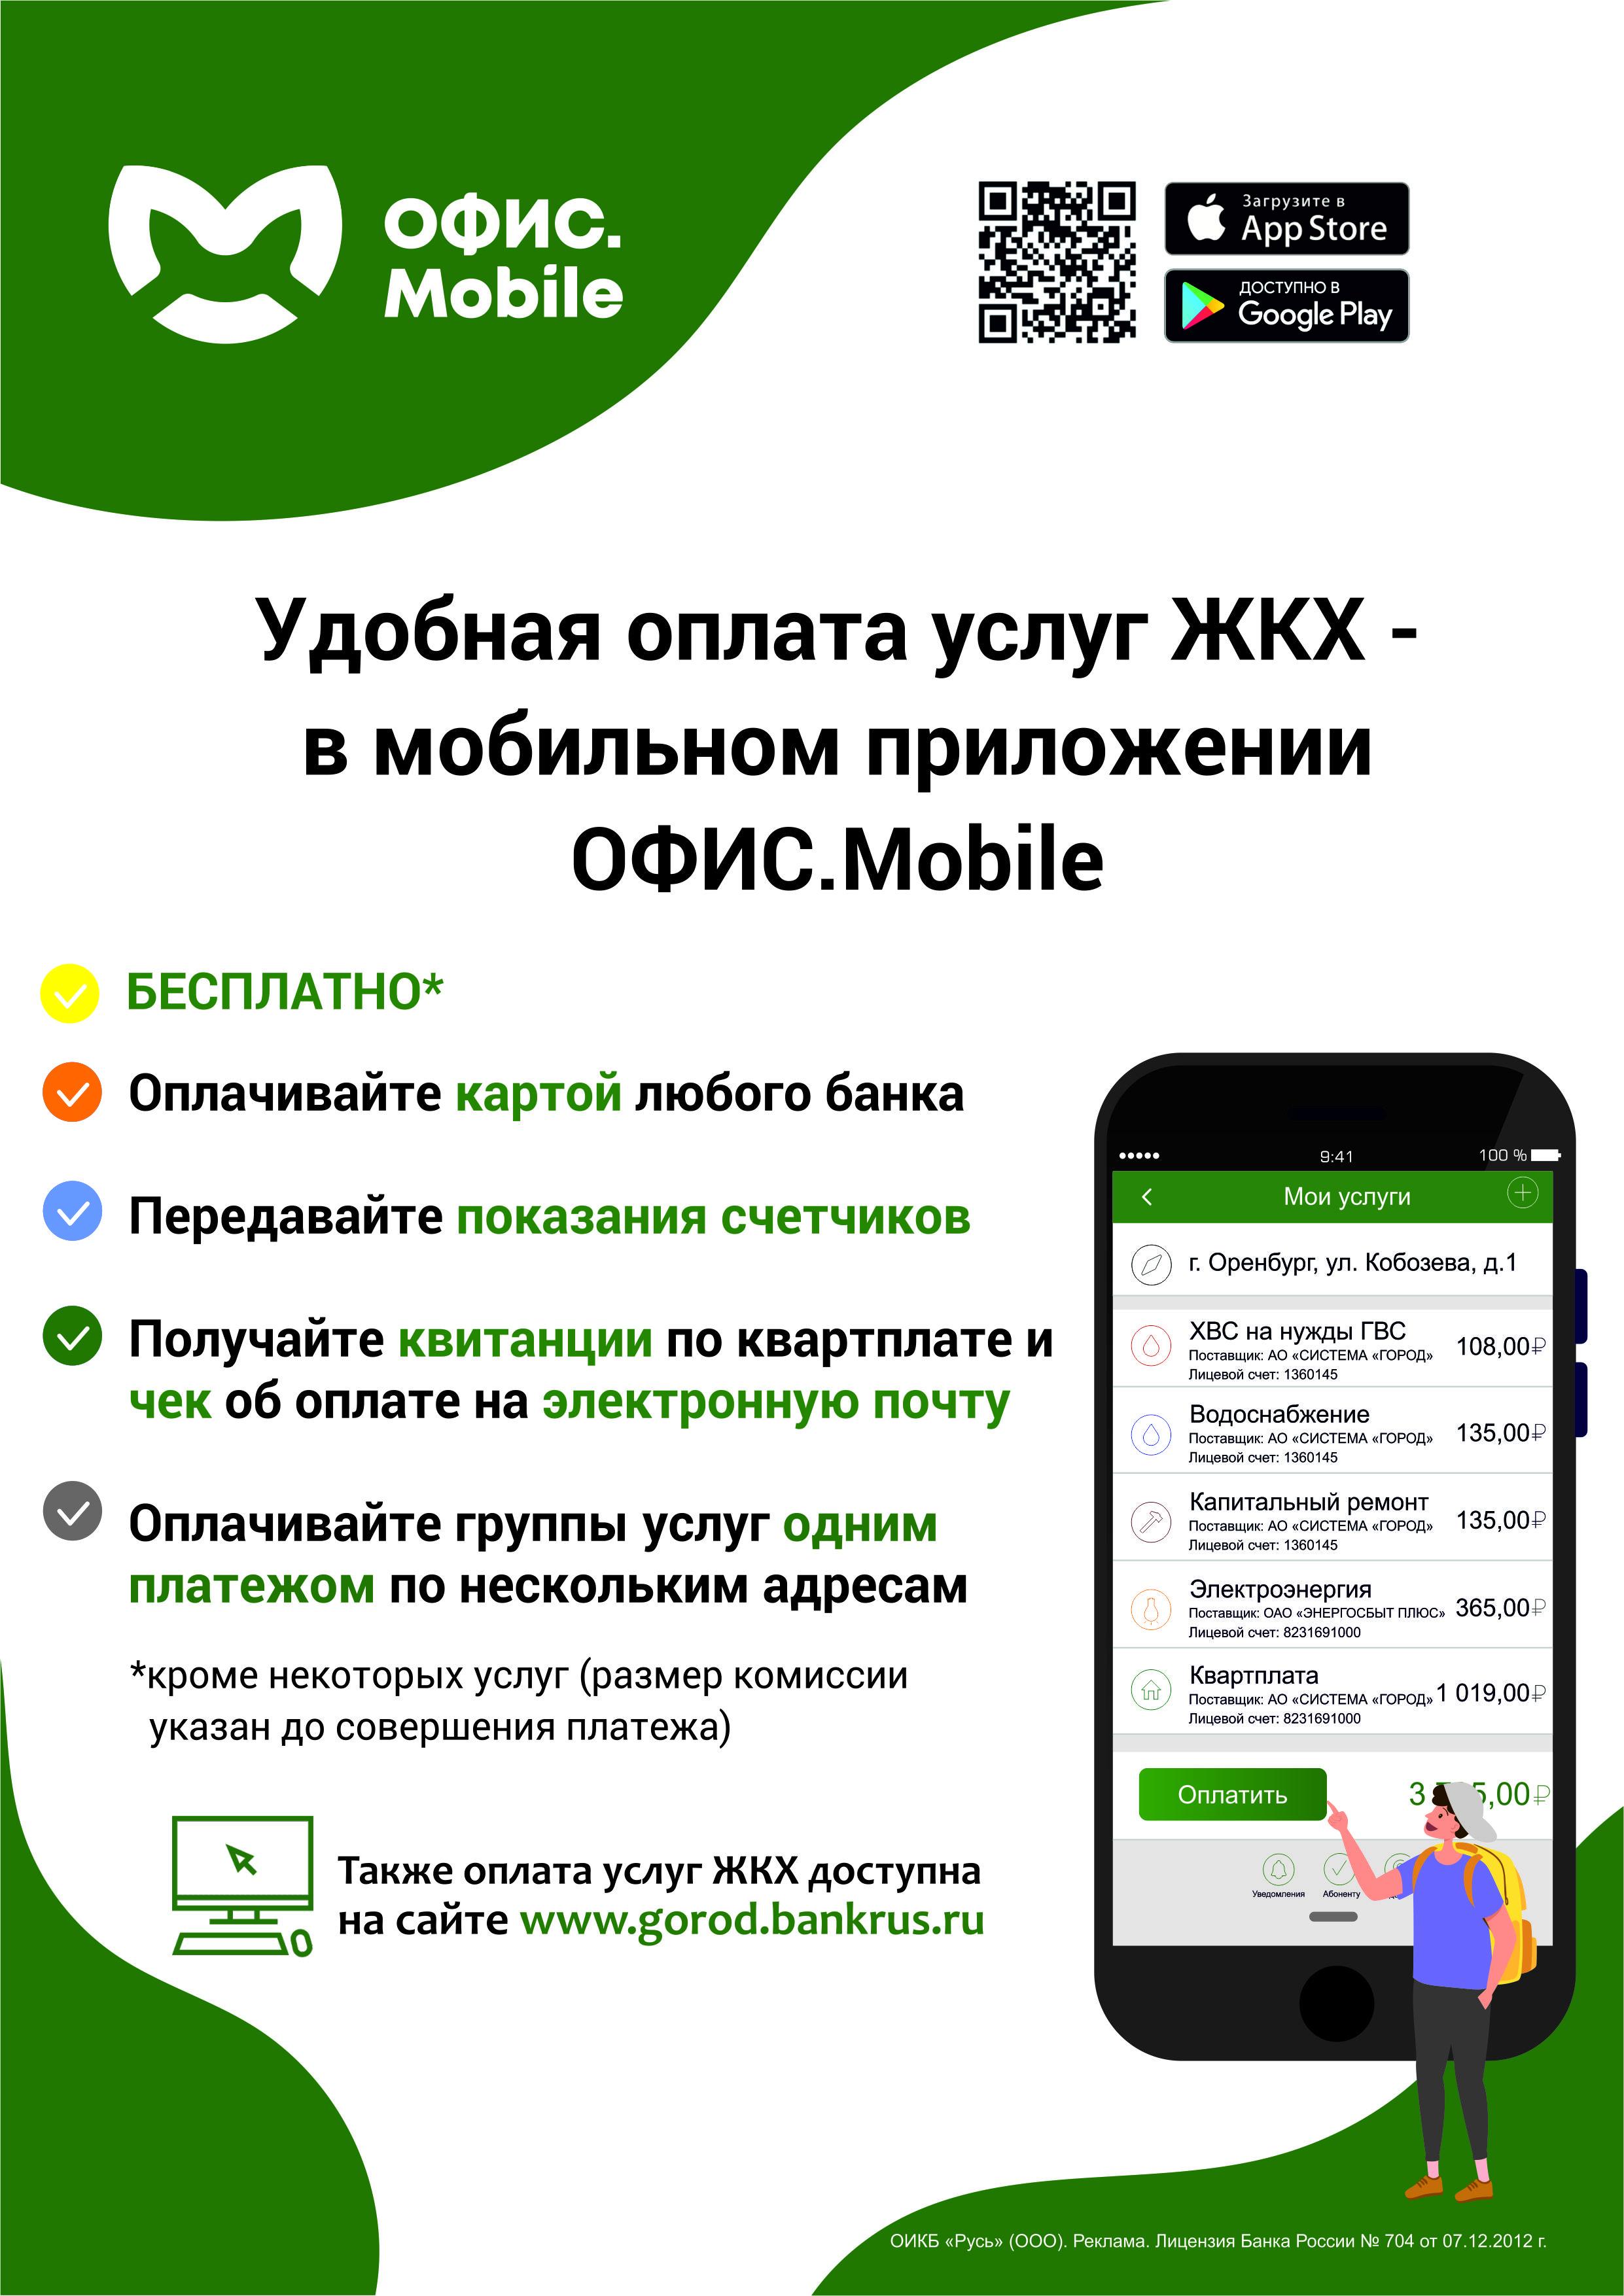 мобильного приложения - ОФИС.Mobile